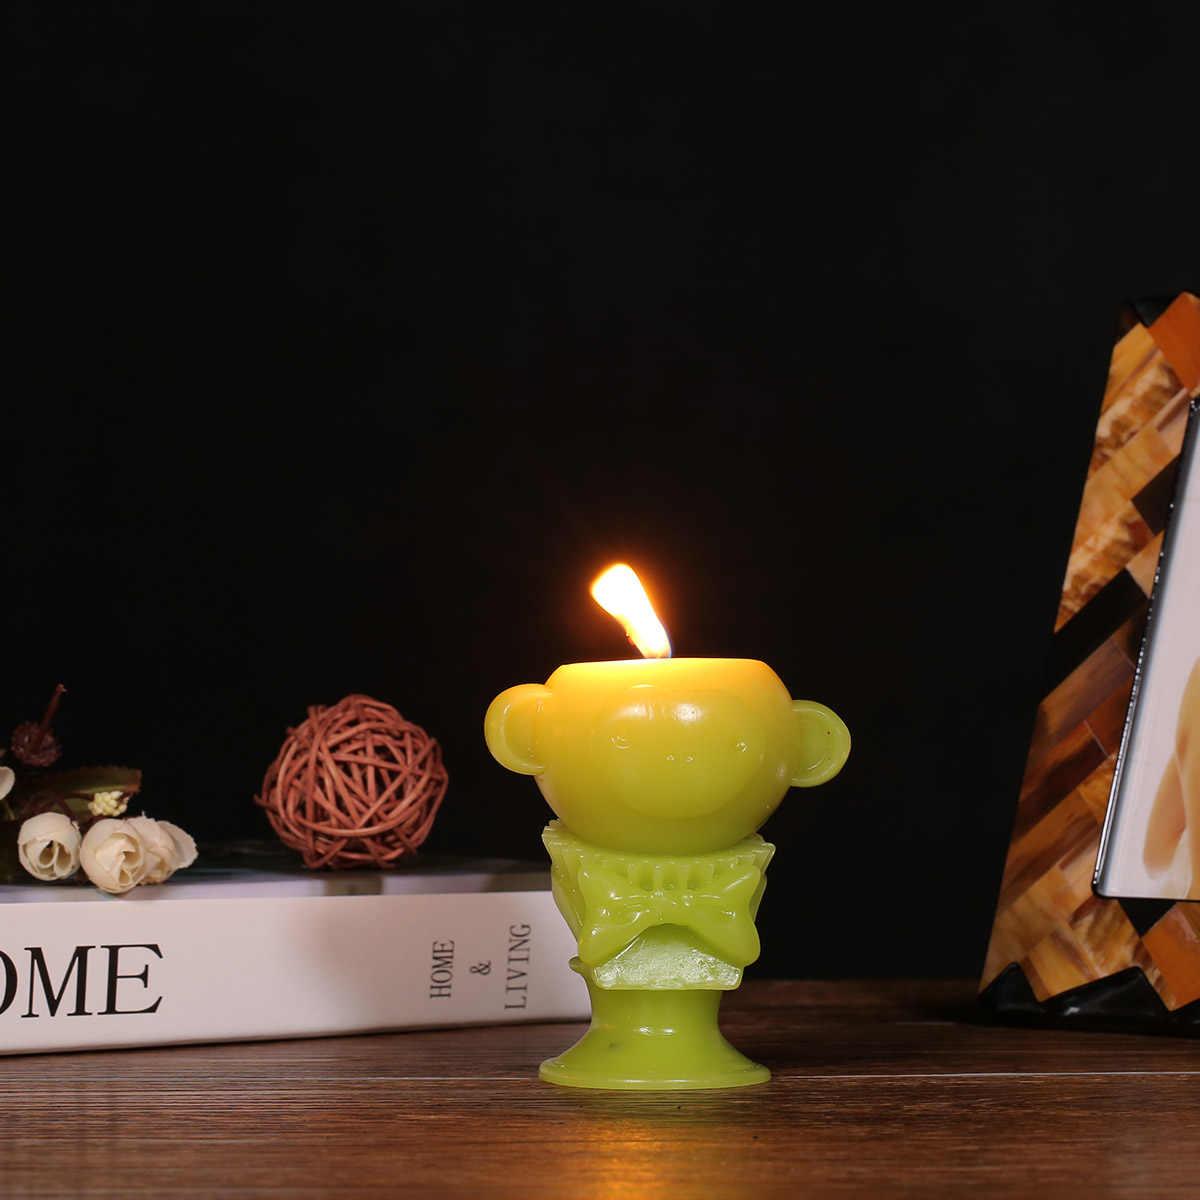 Tooarts свечи ароматические свечи зеленая обезьяна Tomfeel Скелет животного домашний декор воск натуральный фитиль из хлопка день рождения